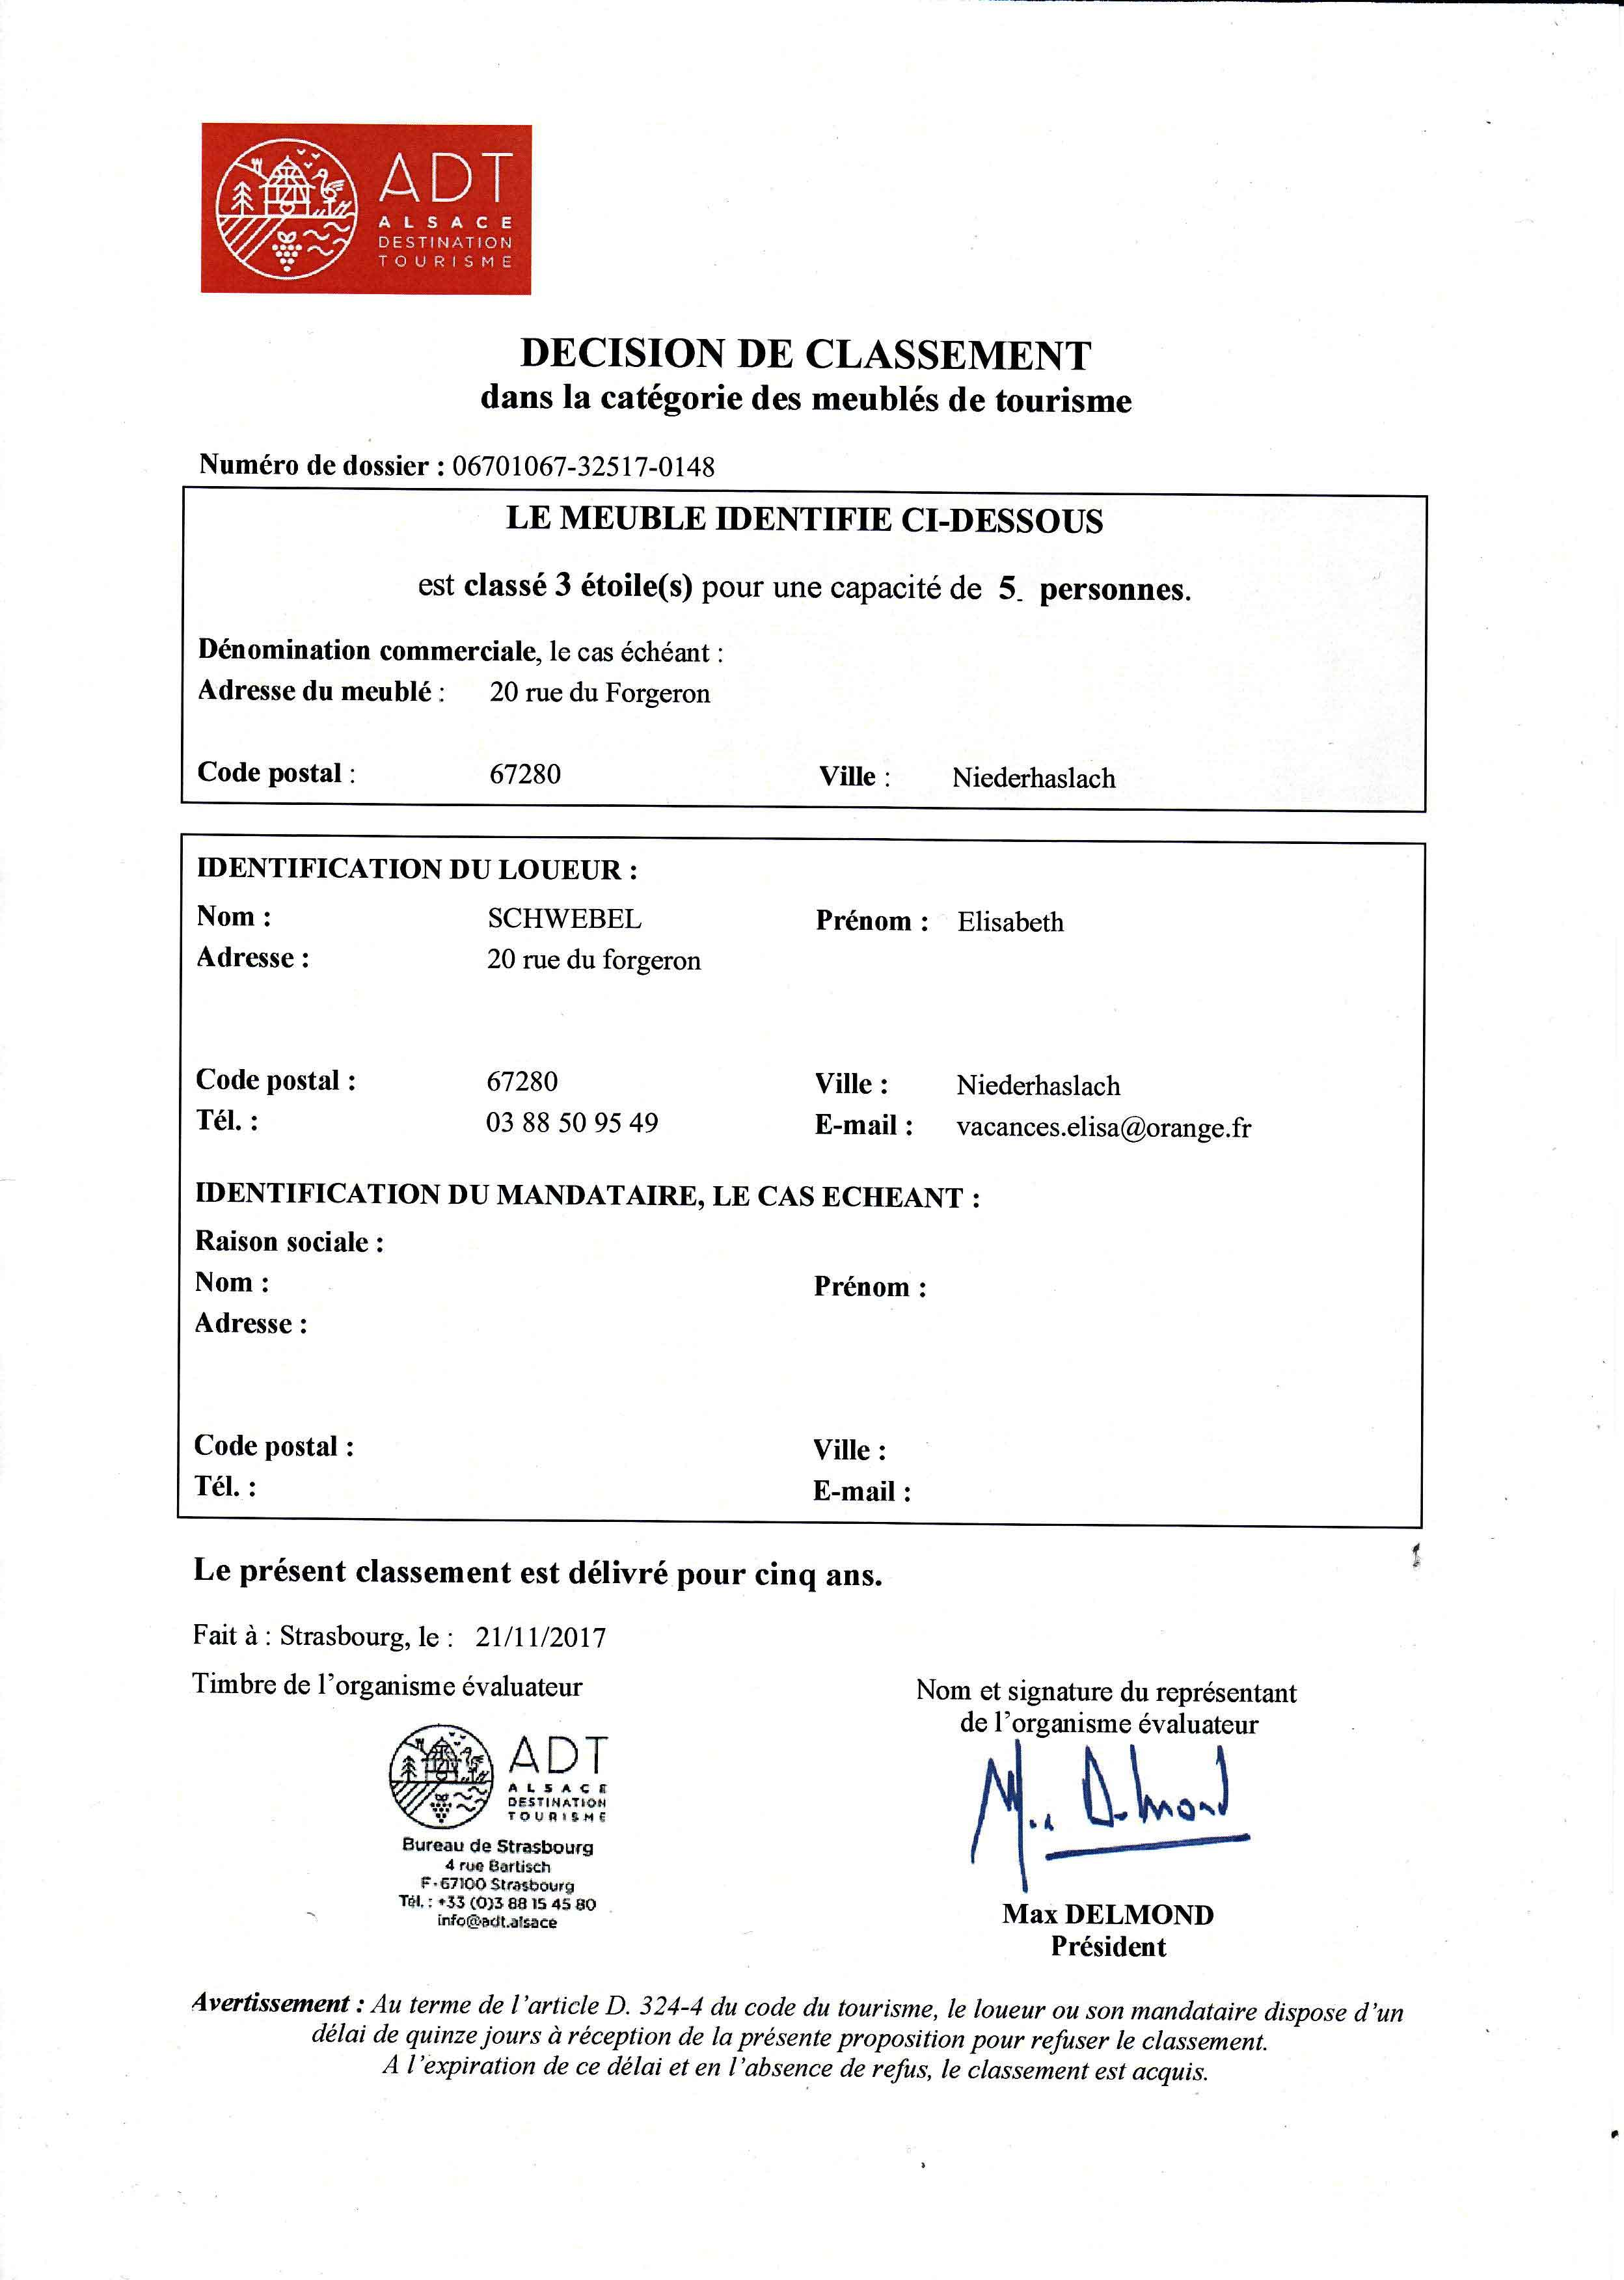 Classement Meuble De Tourisme 3 Etoiles D Un Gite En Alsace